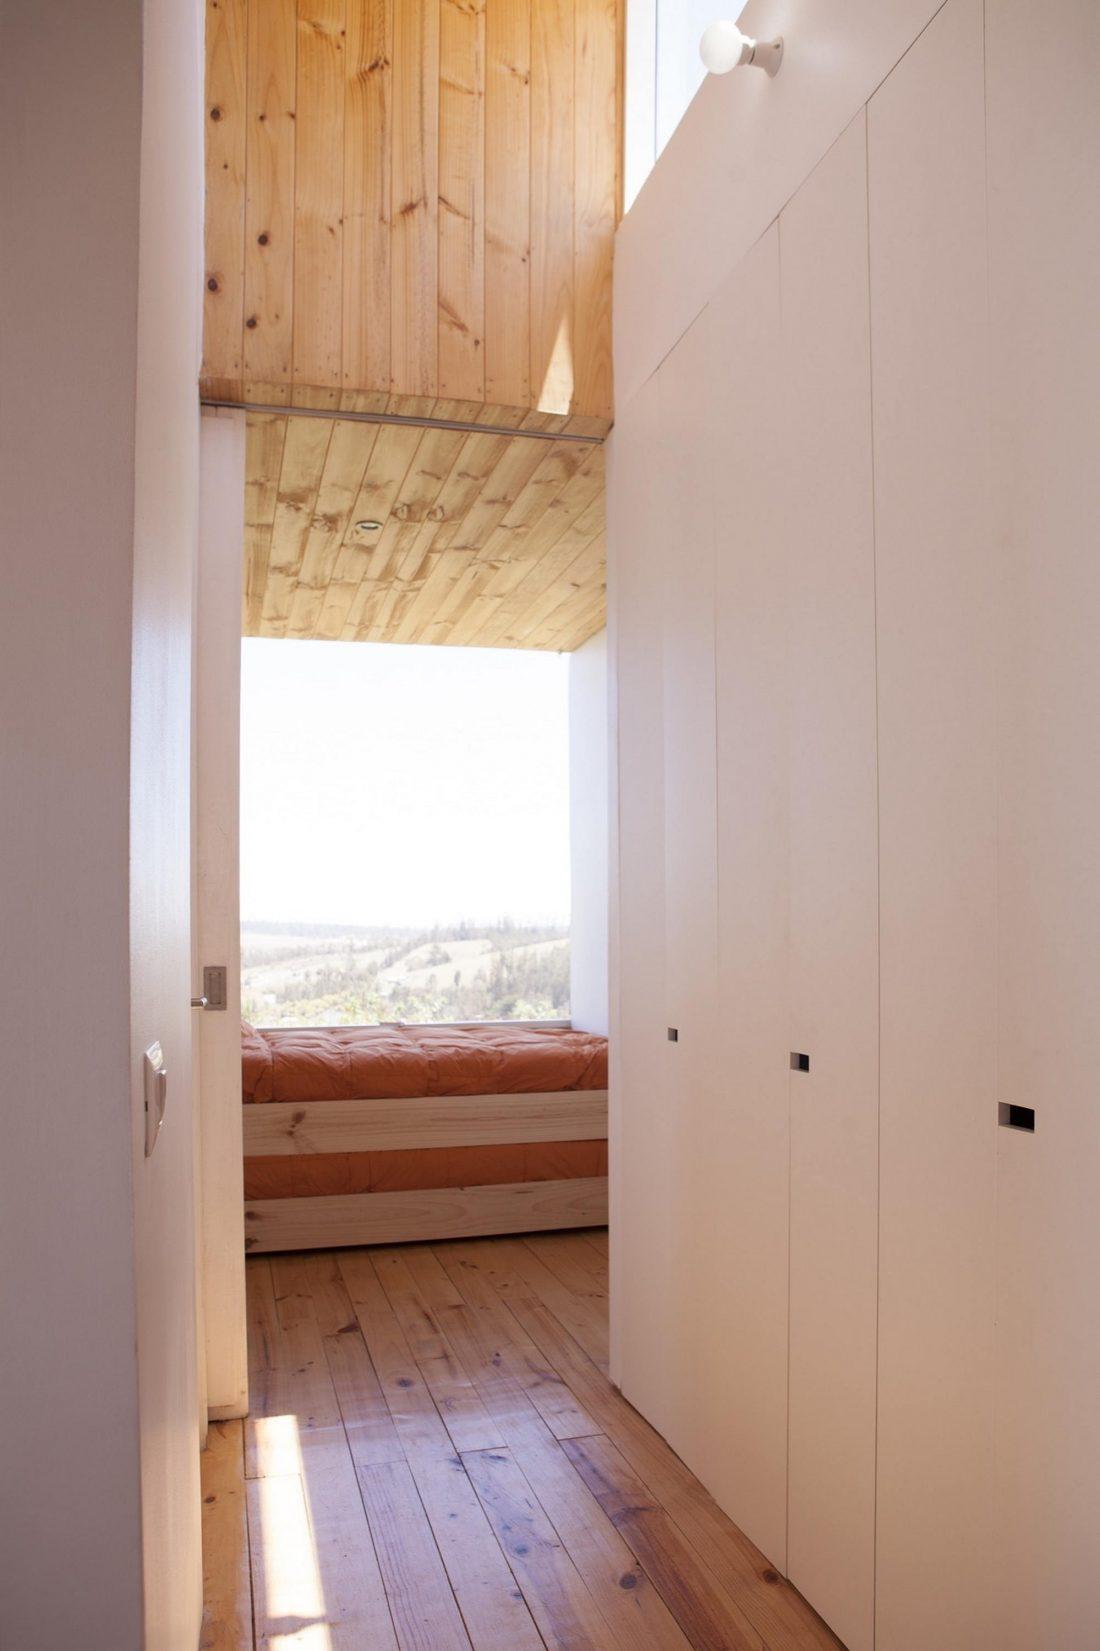 Дом в Чили от архитекторов Alfredo Gonzalez Briceno и Ignacio Rojas Hirigoyen 14